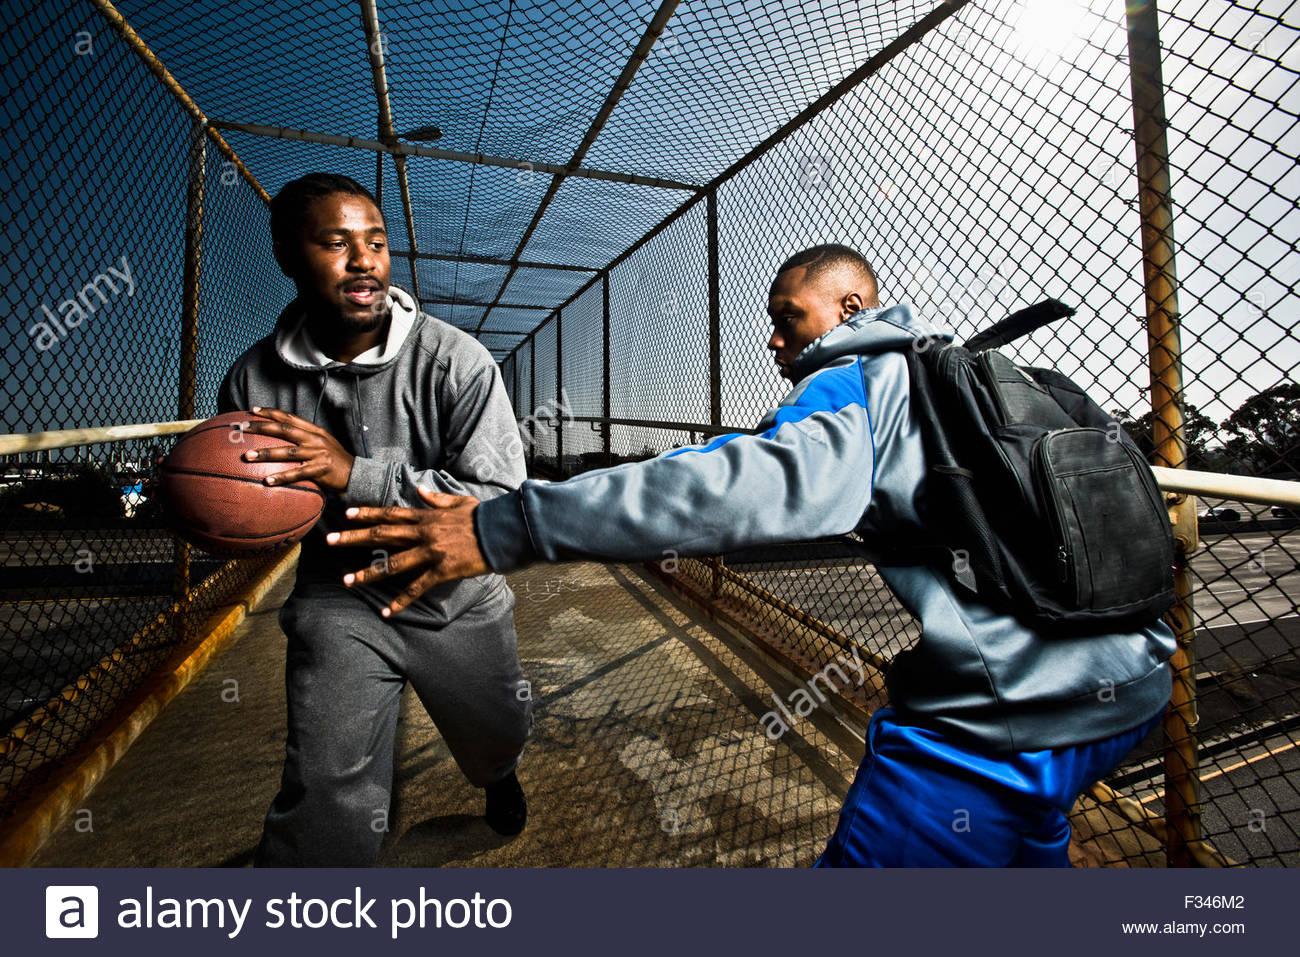 Dos chicos caminando por un puente de pie jugando con una pelota de baloncesto. Imagen De Stock